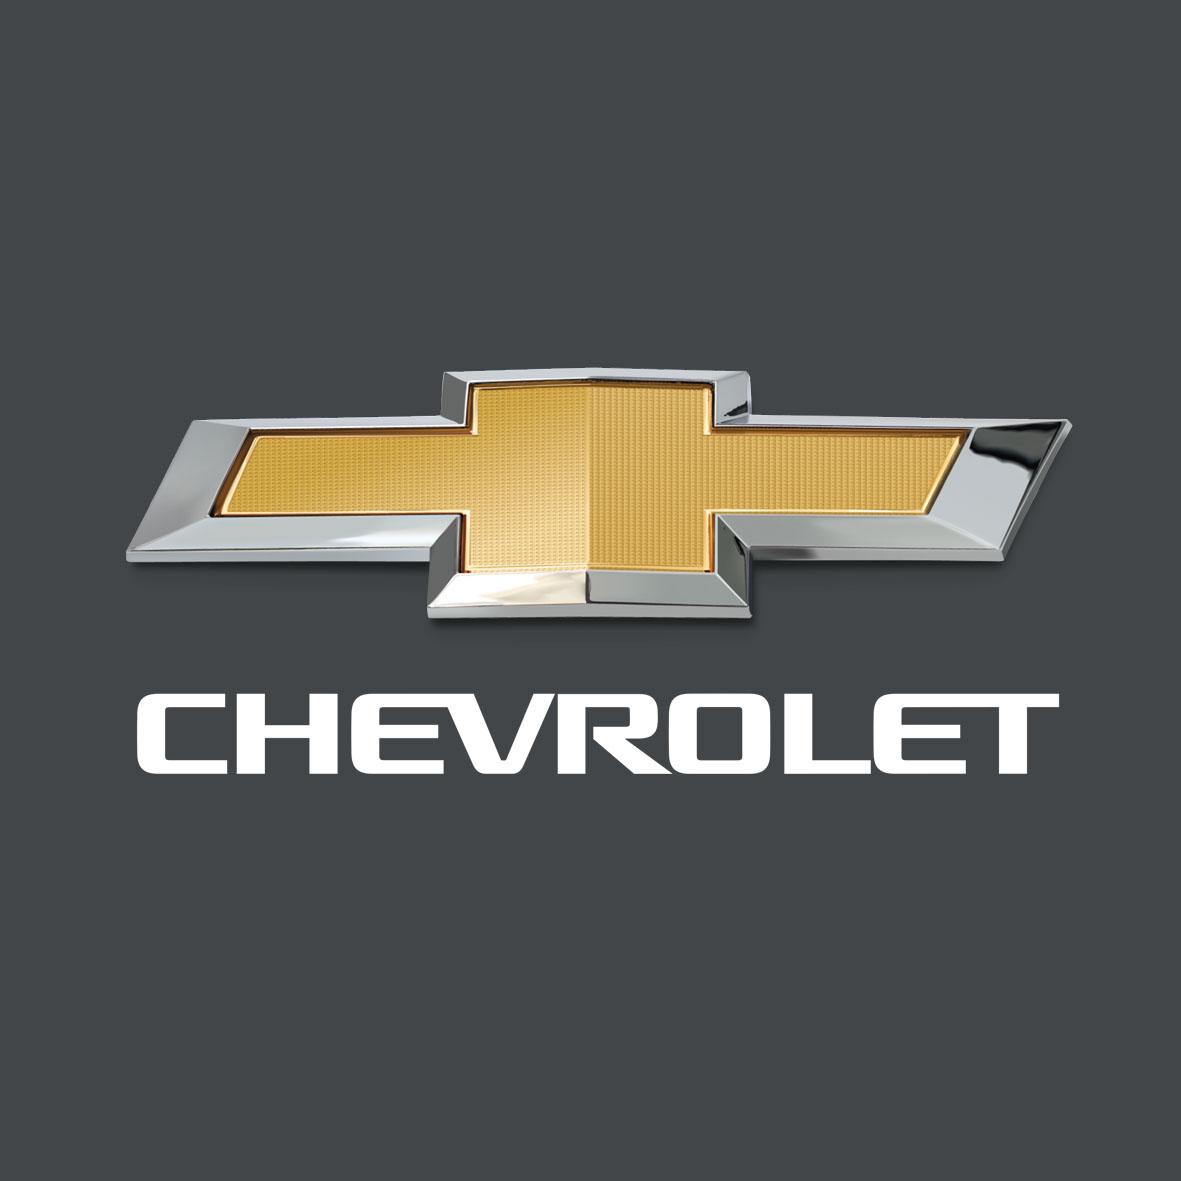 CHEVROLET_10x10_v2